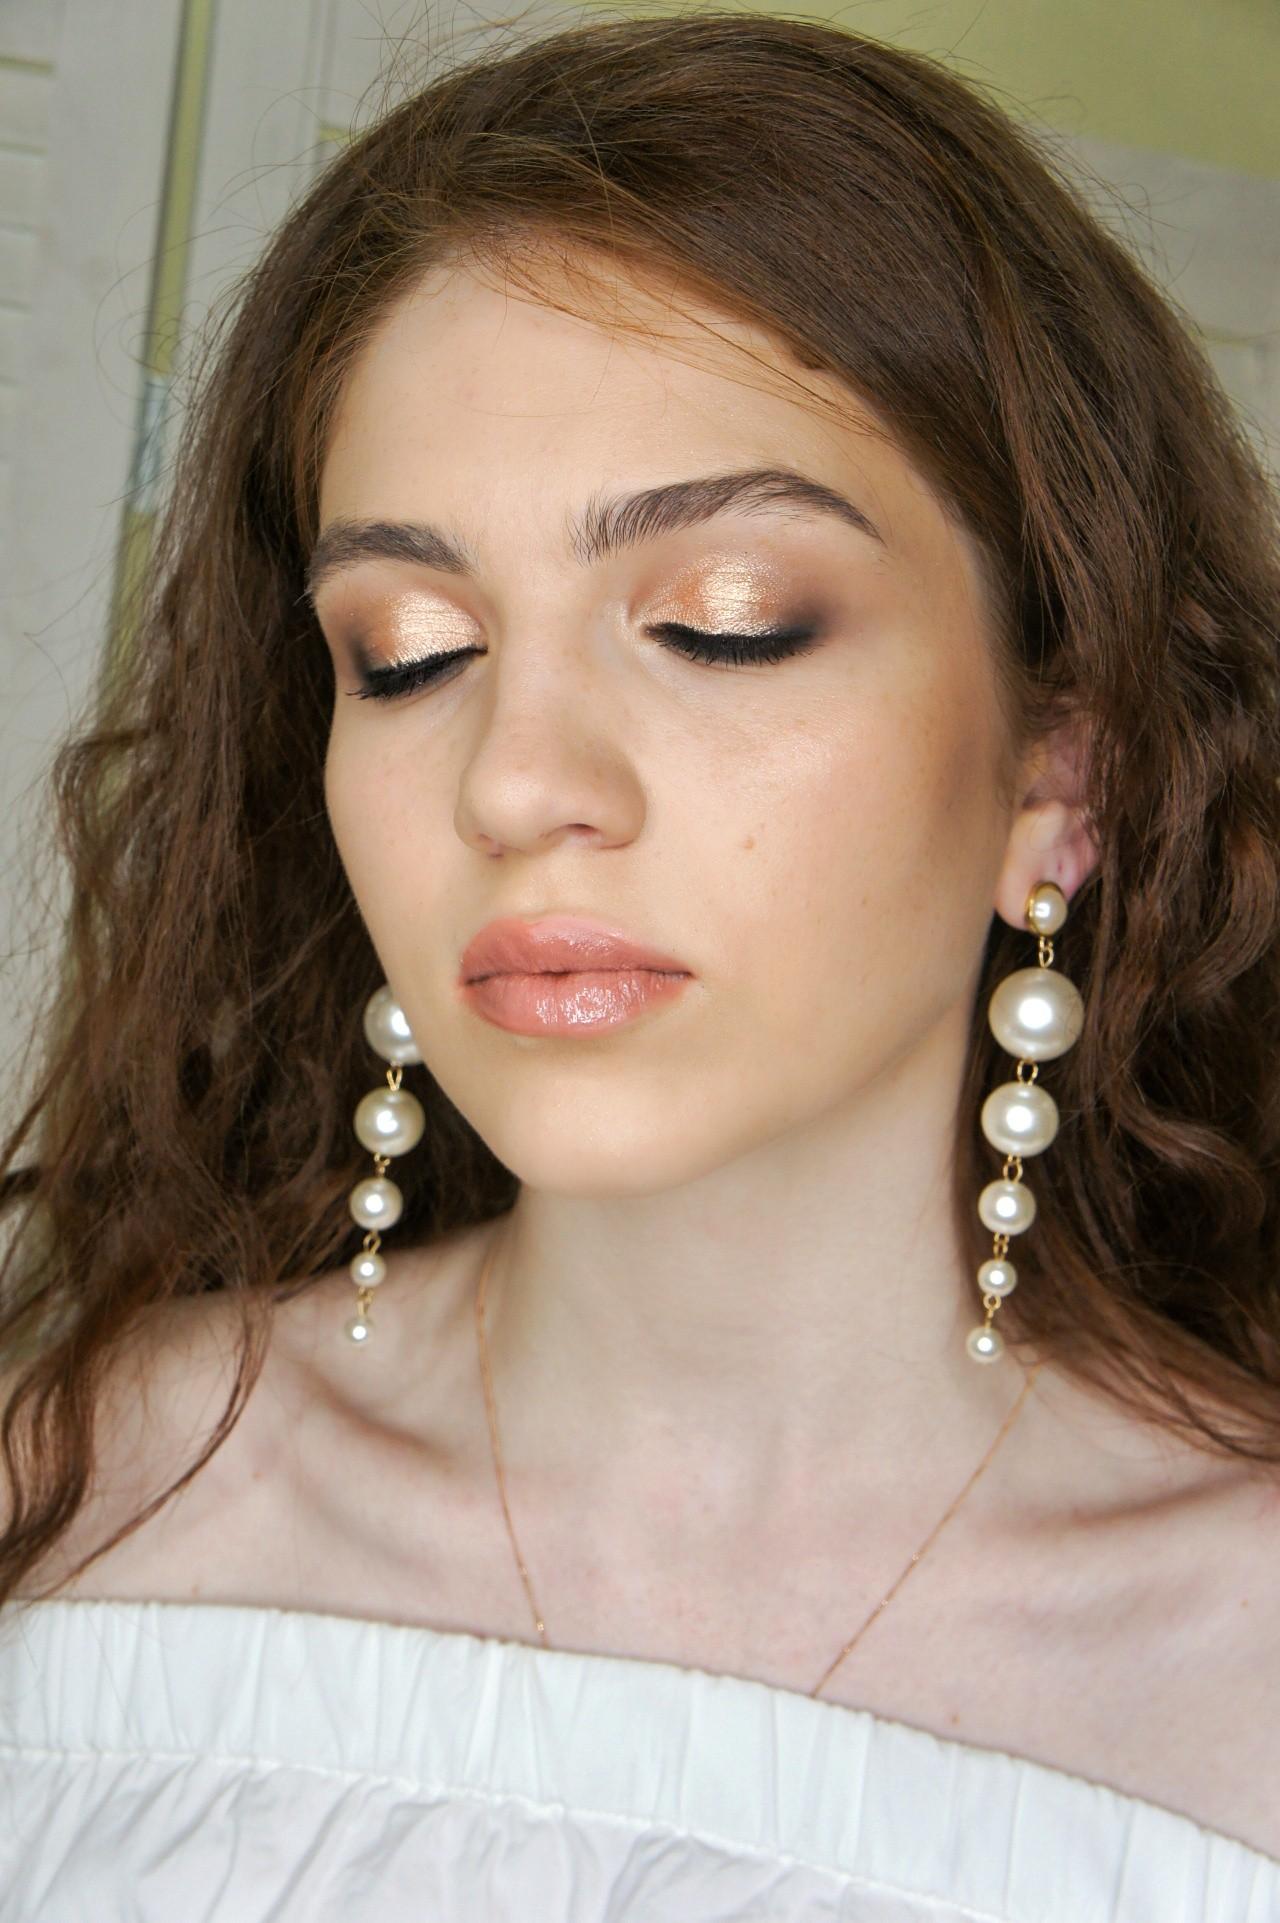 Милые девушки, записывайтесь на макияж  ❤️